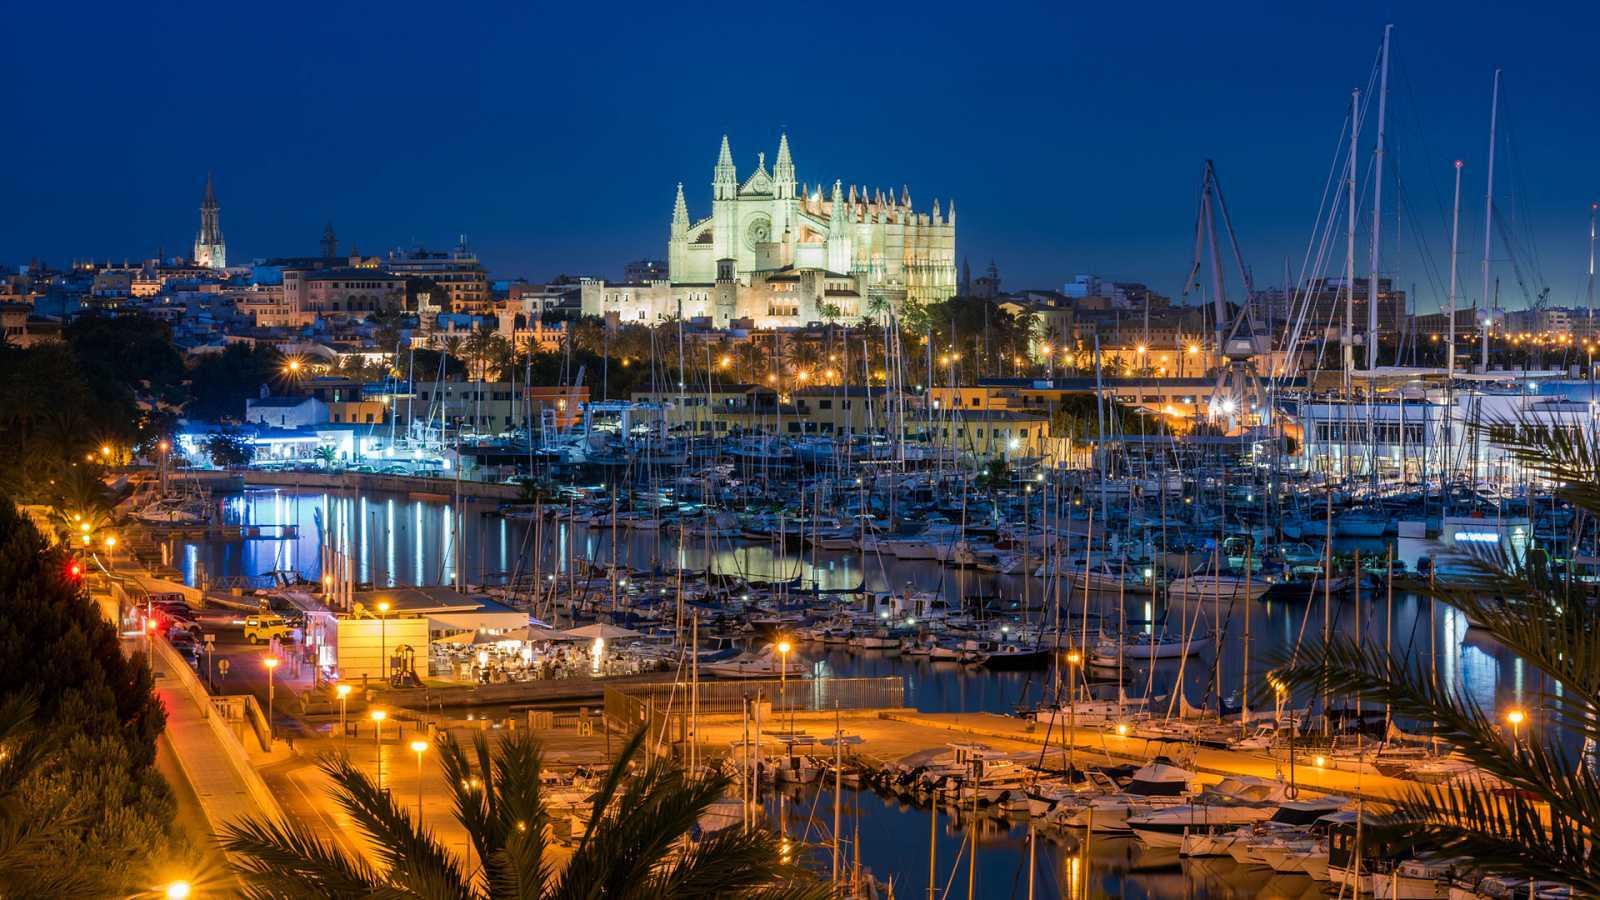 10.000 lugares con Ángela Gonzalo - Palma de Mallorca, el color del modernismo - 23/01/21 - Escuchar ahora